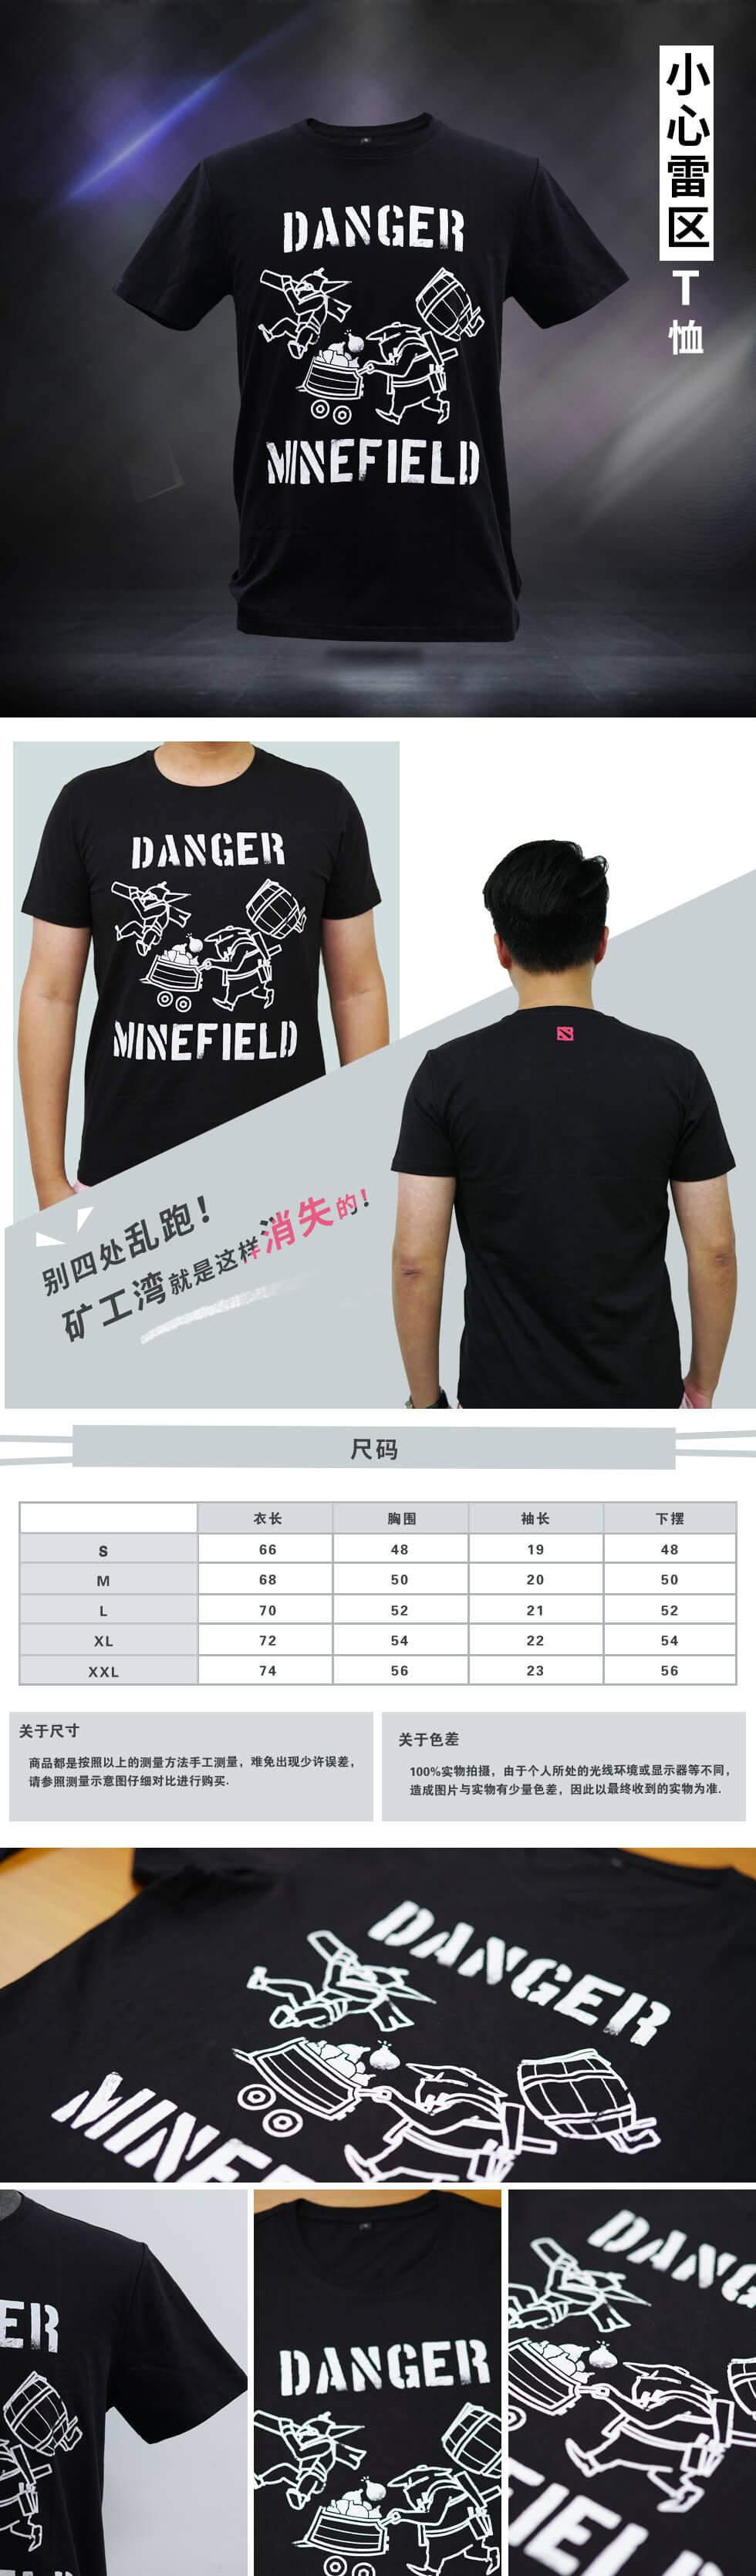 小心雷区T恤(黑色).jpg